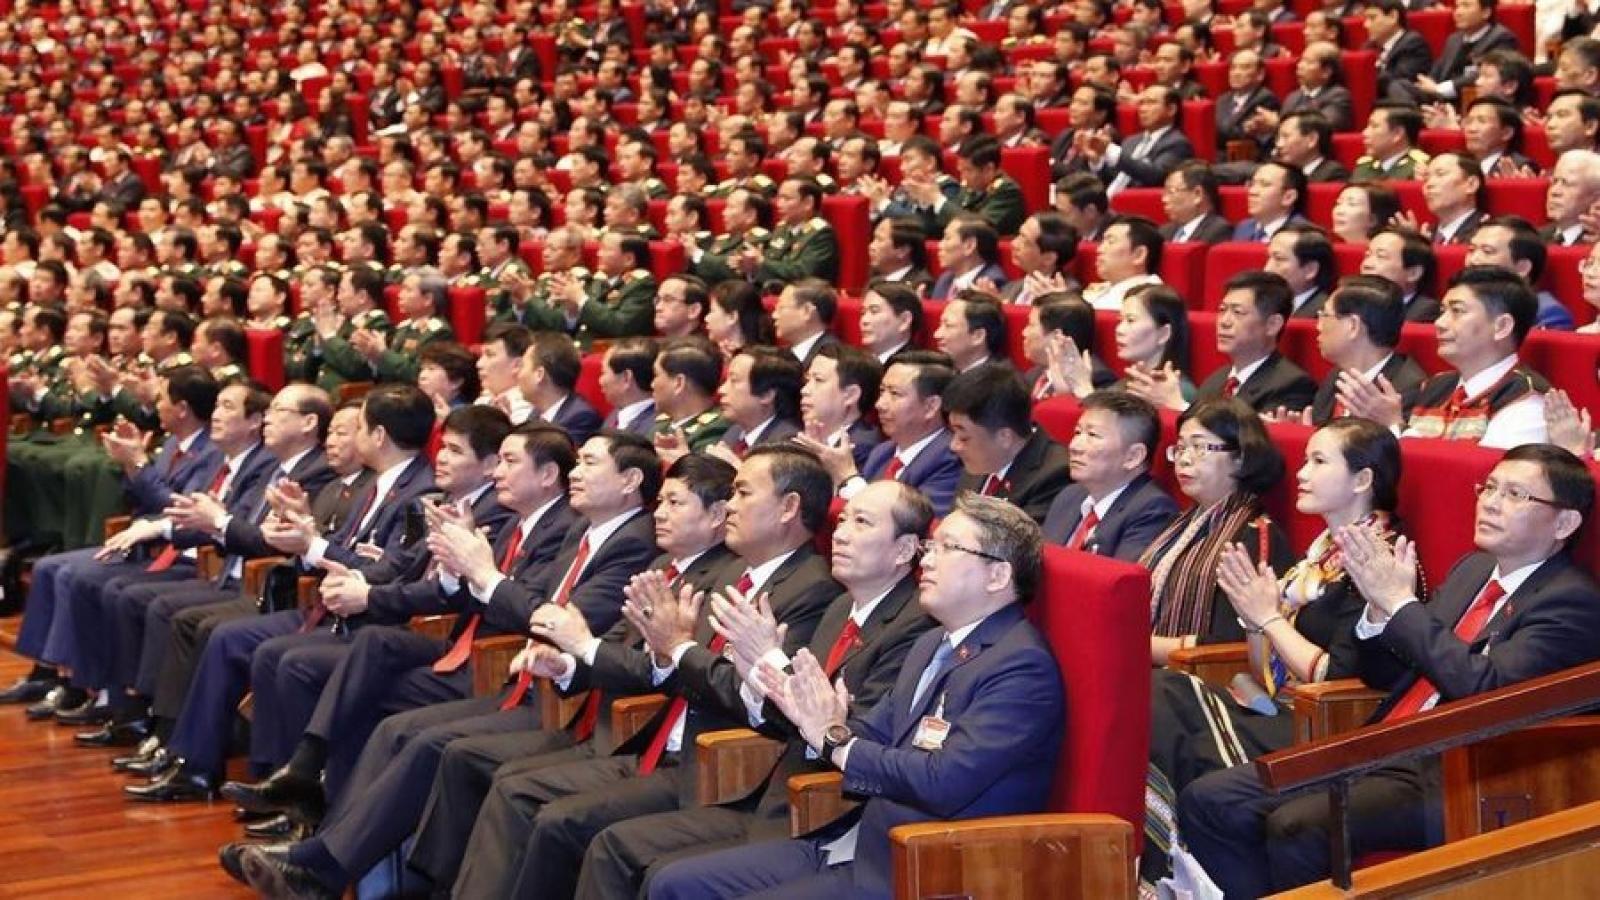 Hôm nay, diễn ra hội nghị trực tuyến toàn quốc triển khai Nghị quyết Đại hội XIII của Đảng